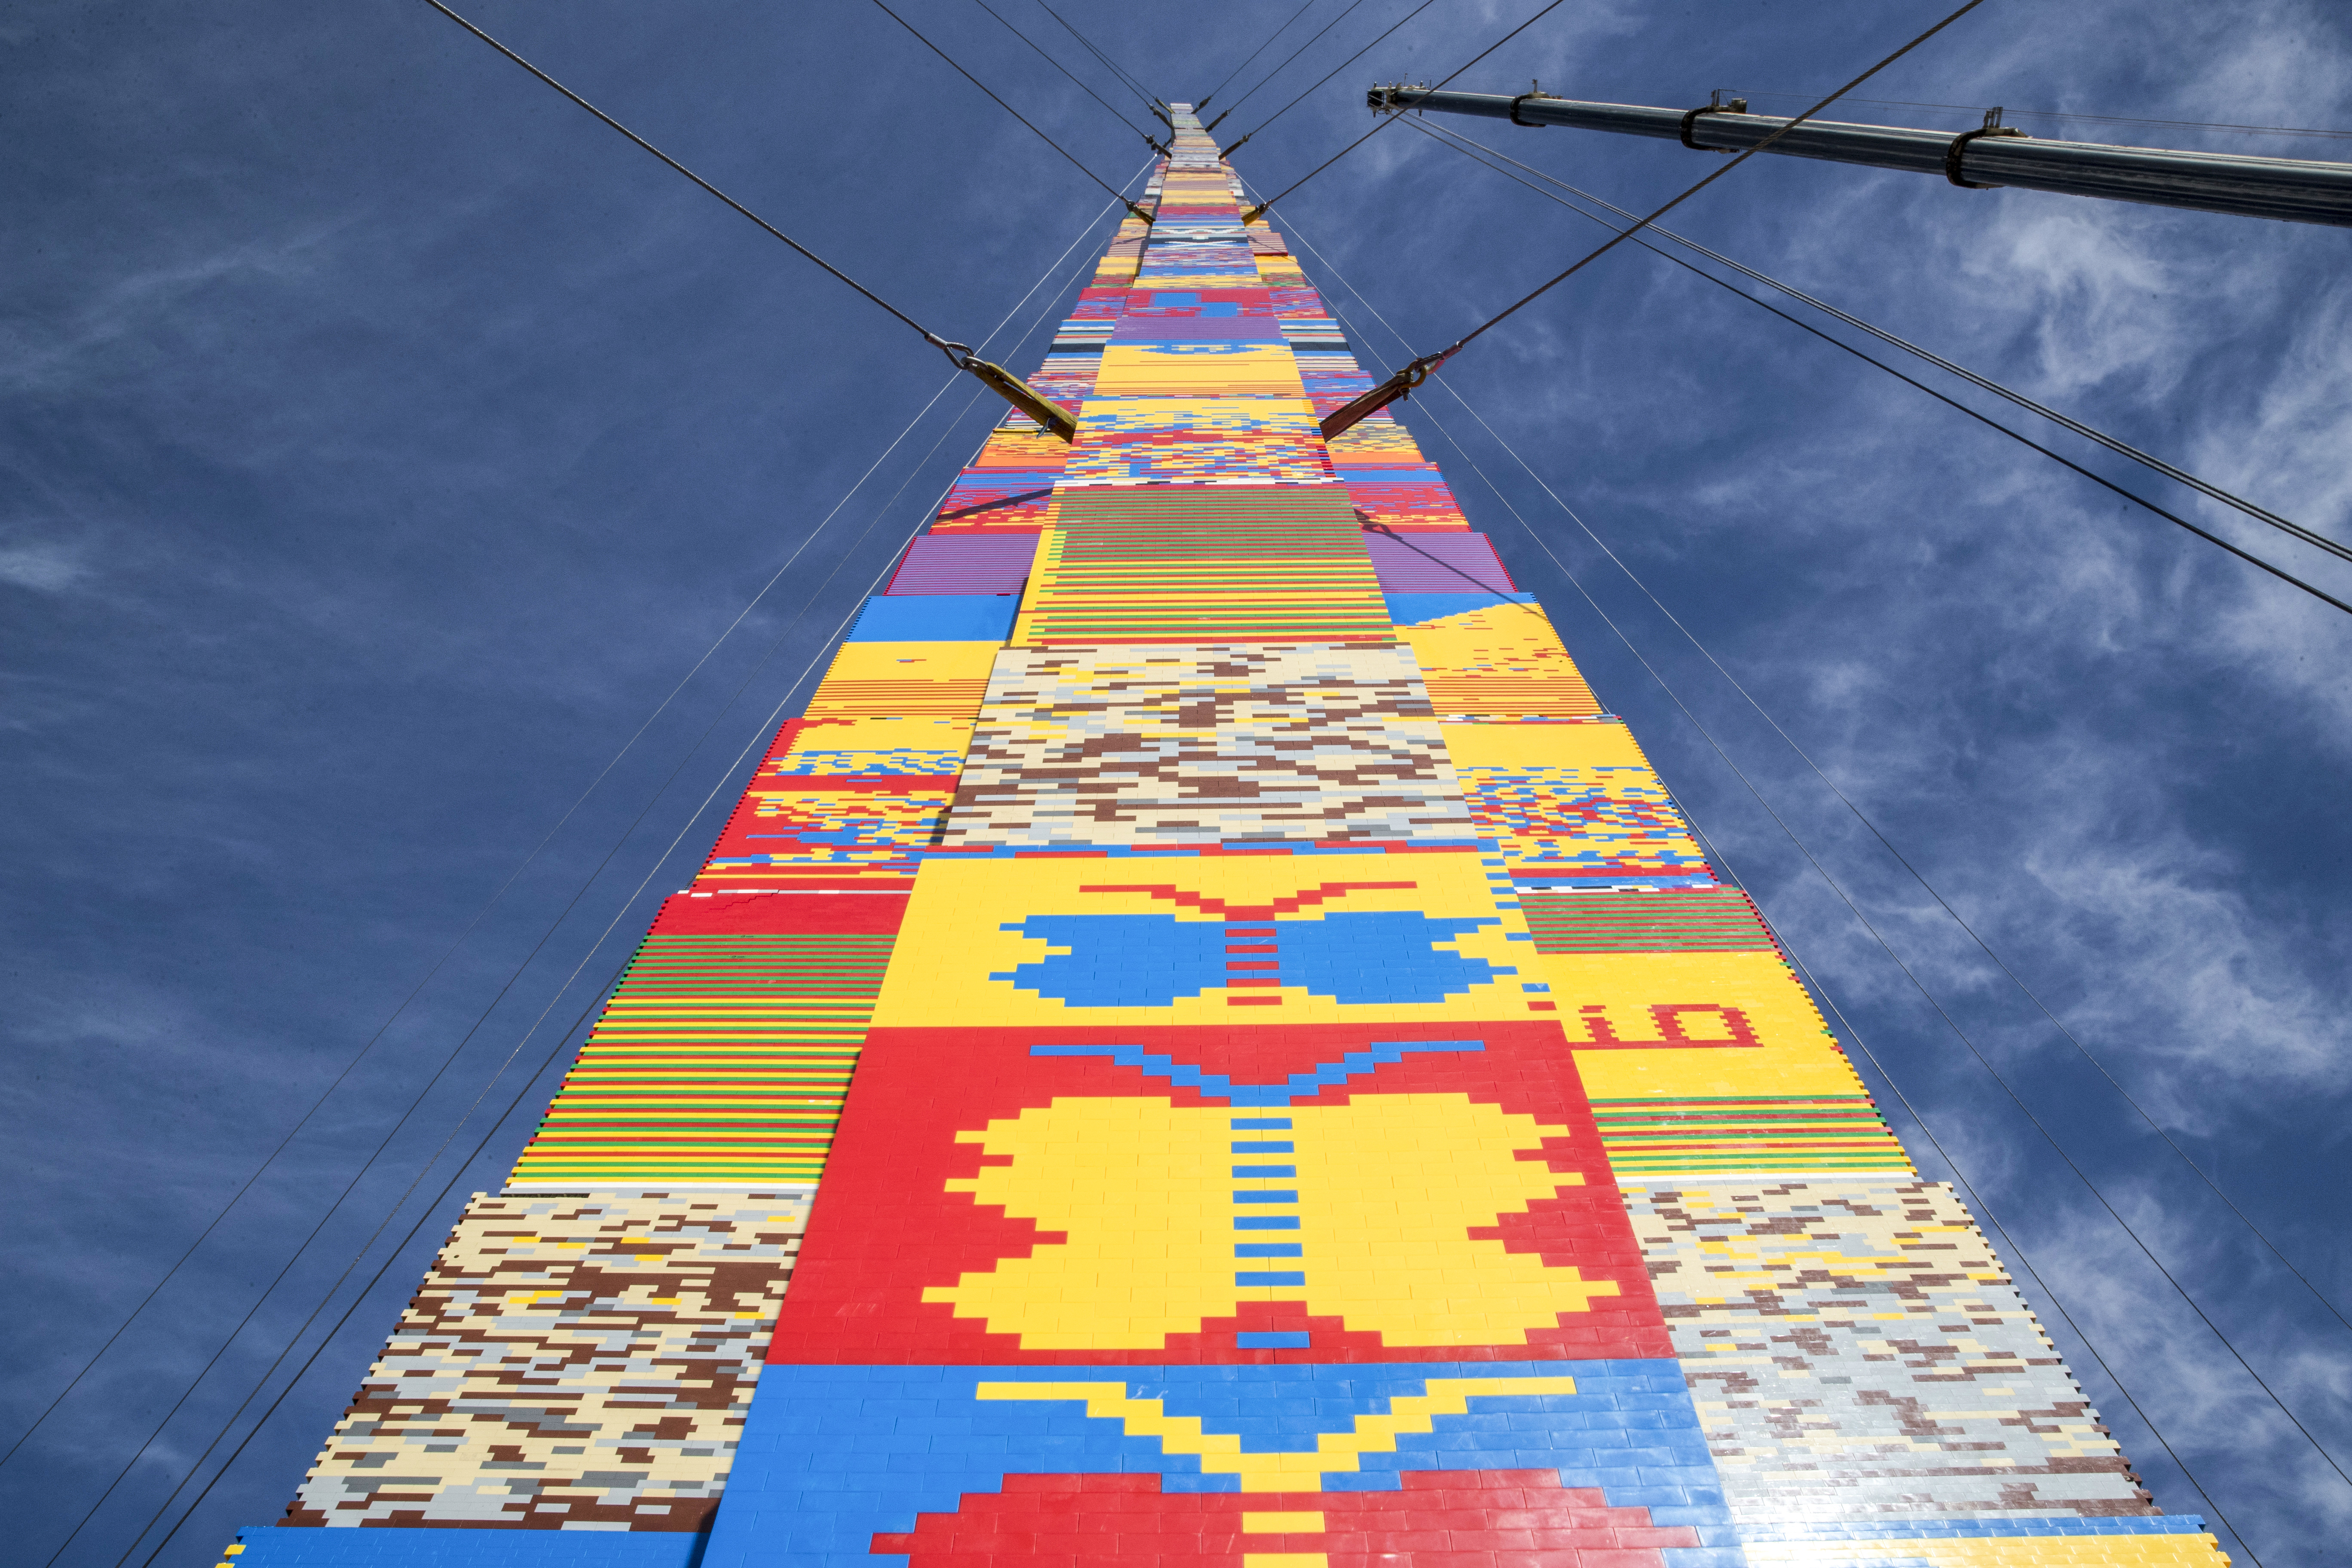 Felépítették a világ legmagasabb Lego-tornyát egy rákban elhunyt kisfiú emlékére